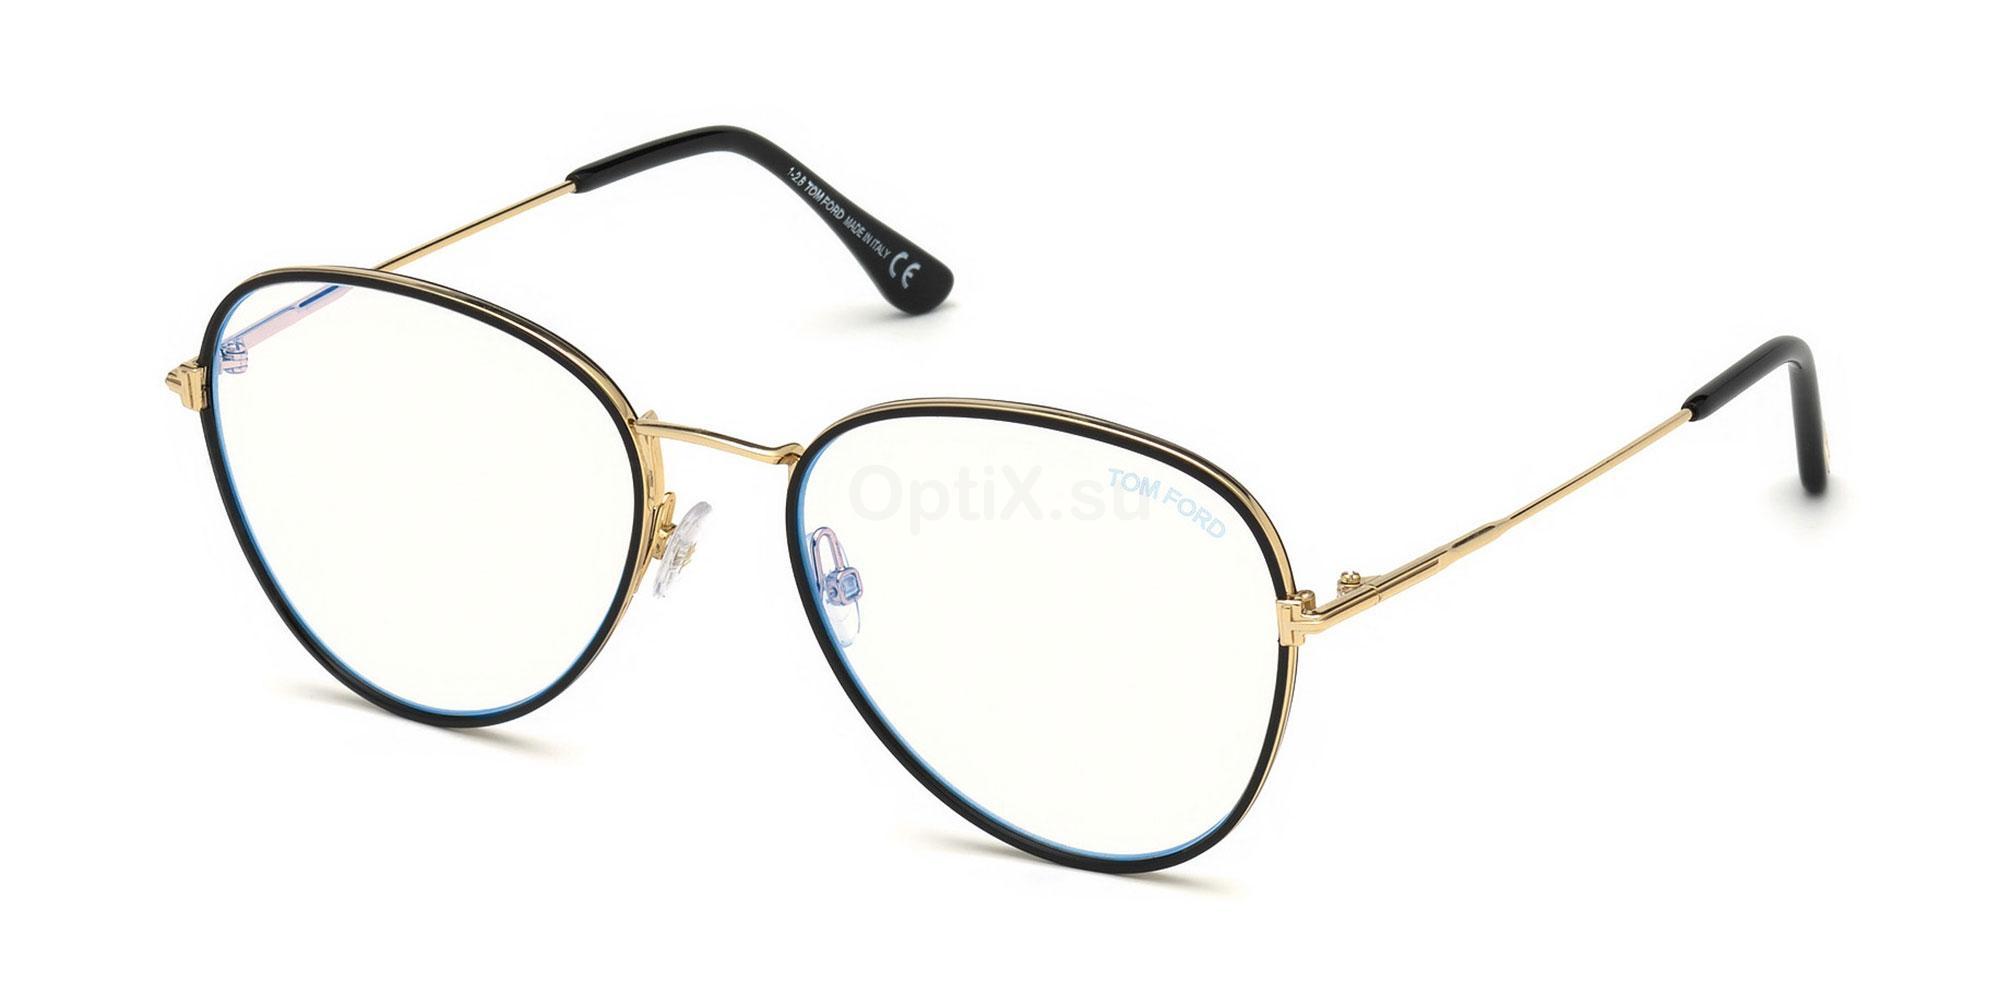 001 FT5631-B Glasses, Tom Ford